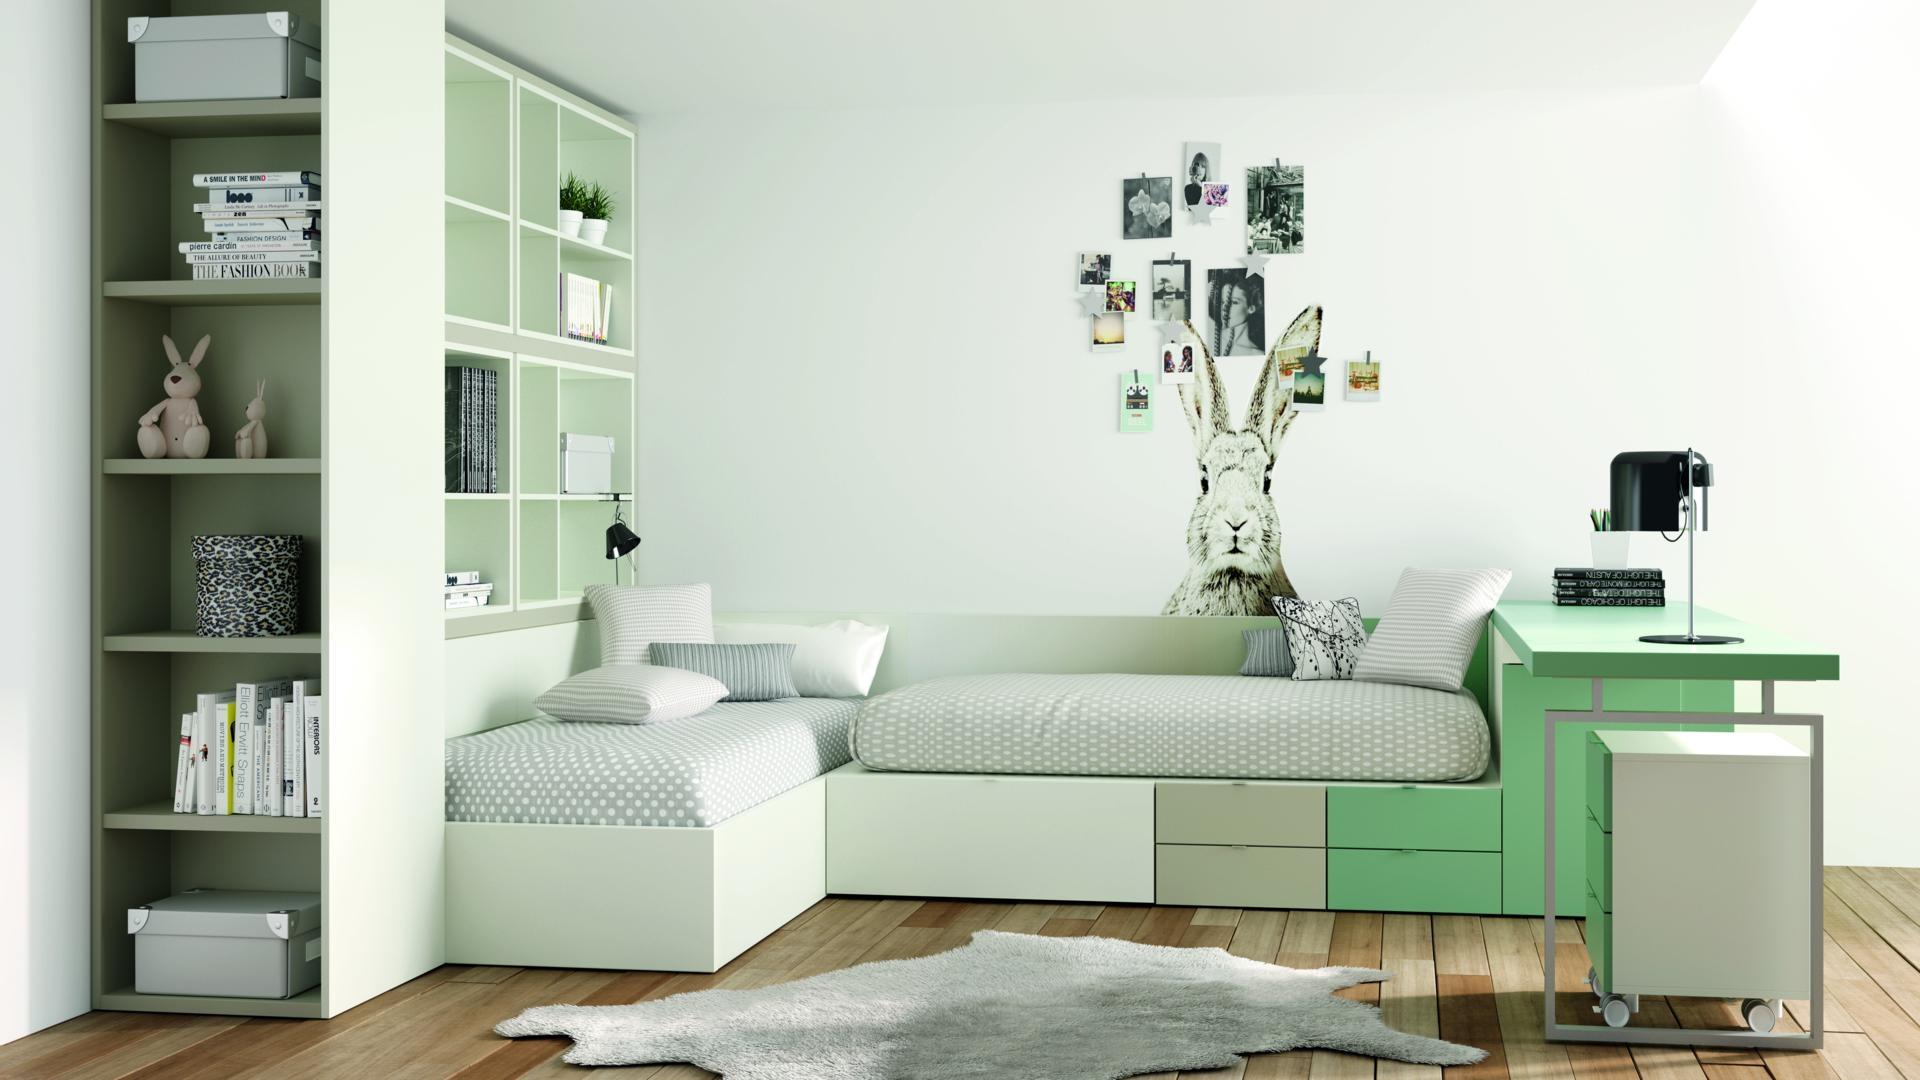 La tienda de muebles mart n - Muebles dormitorios juveniles modernos ...